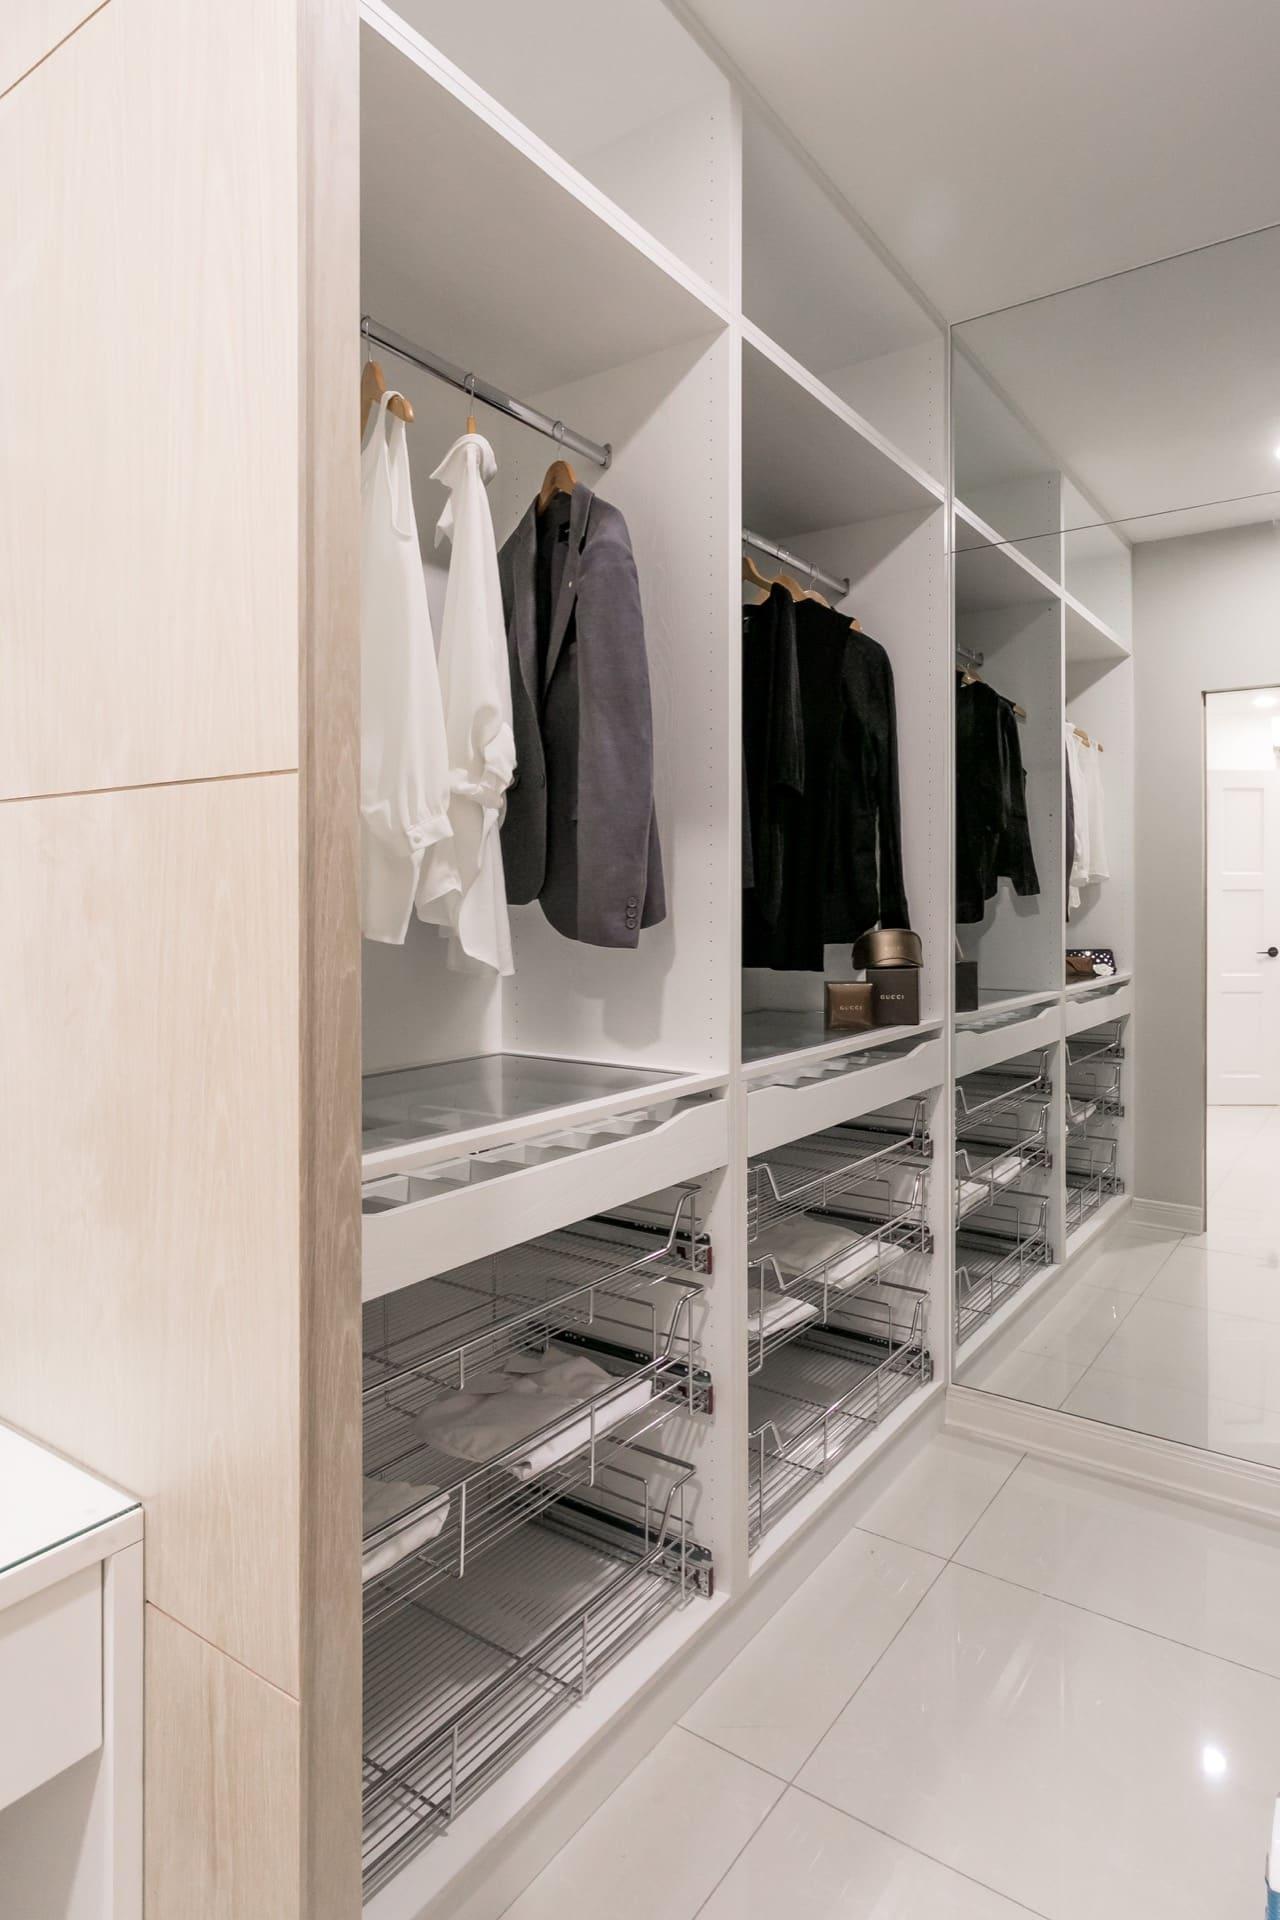 更衣間內擁有大面積的穿衣鏡與收納空間